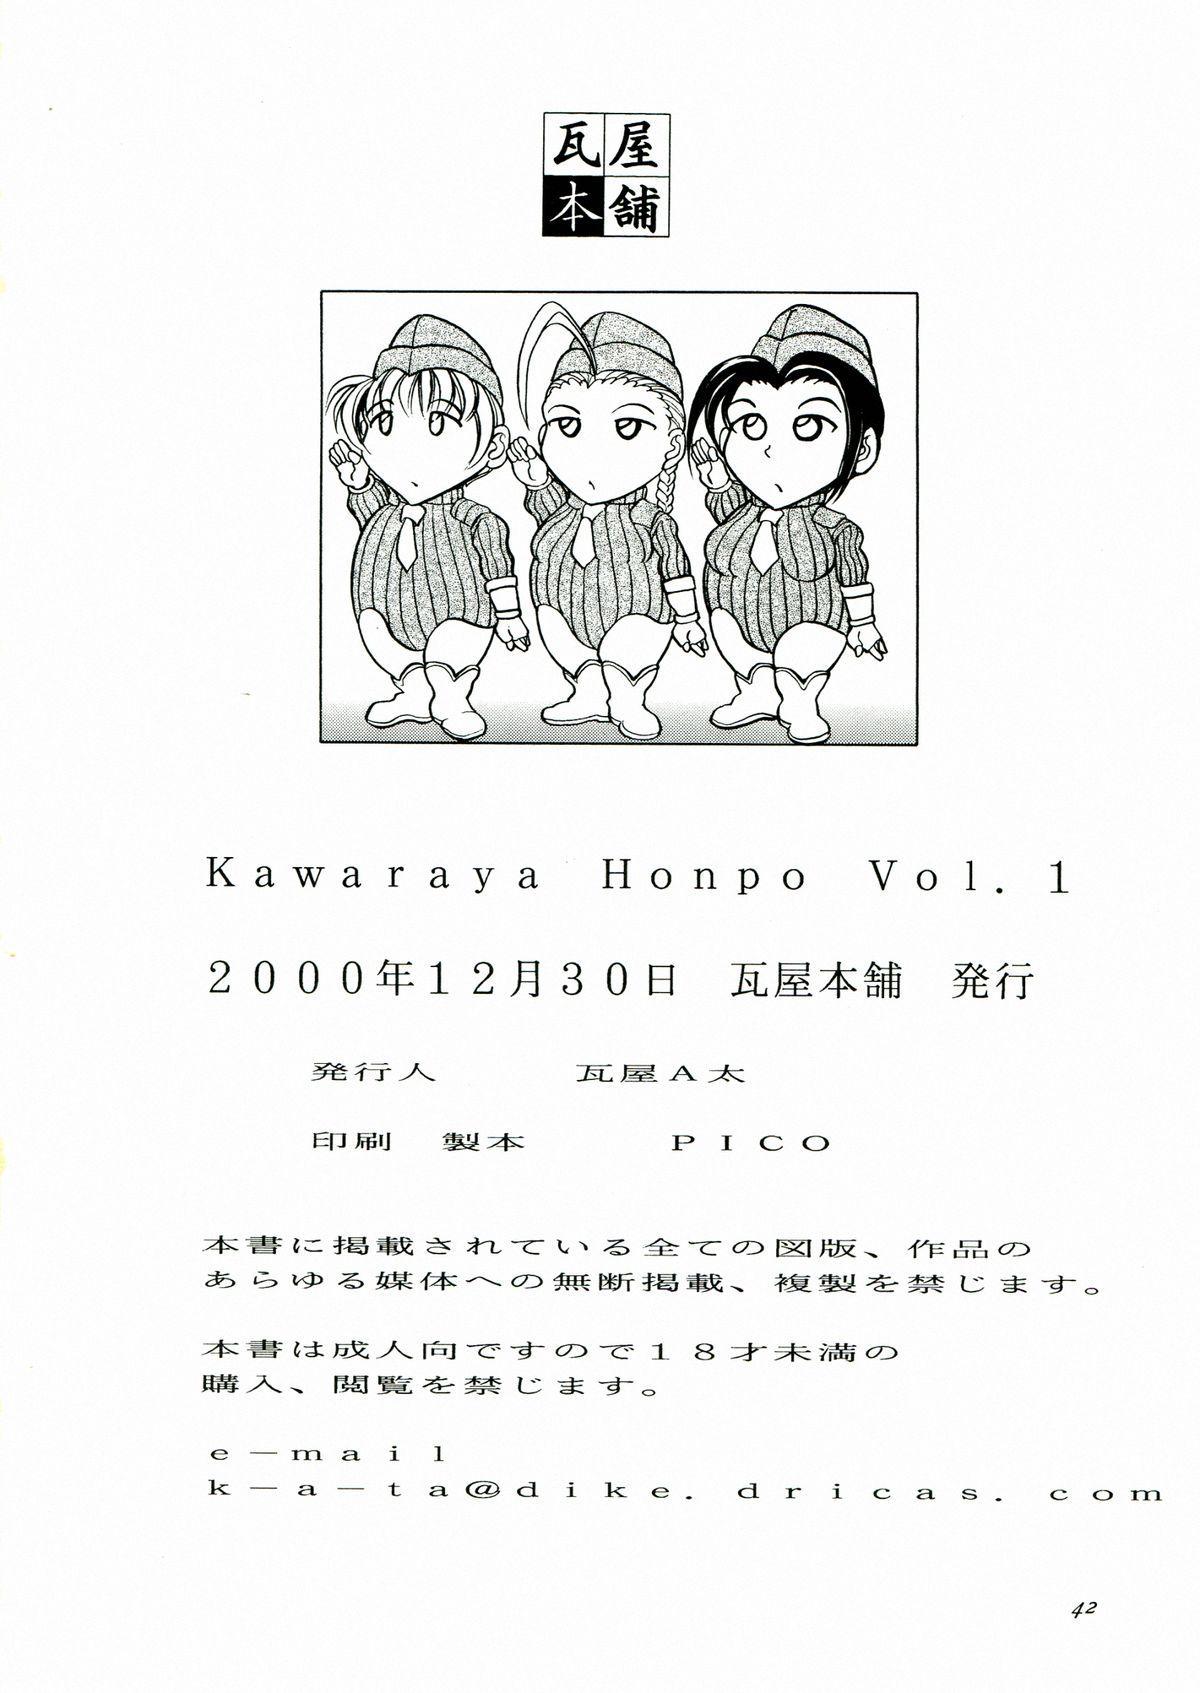 Kawaraya Honpo vol. 1 41